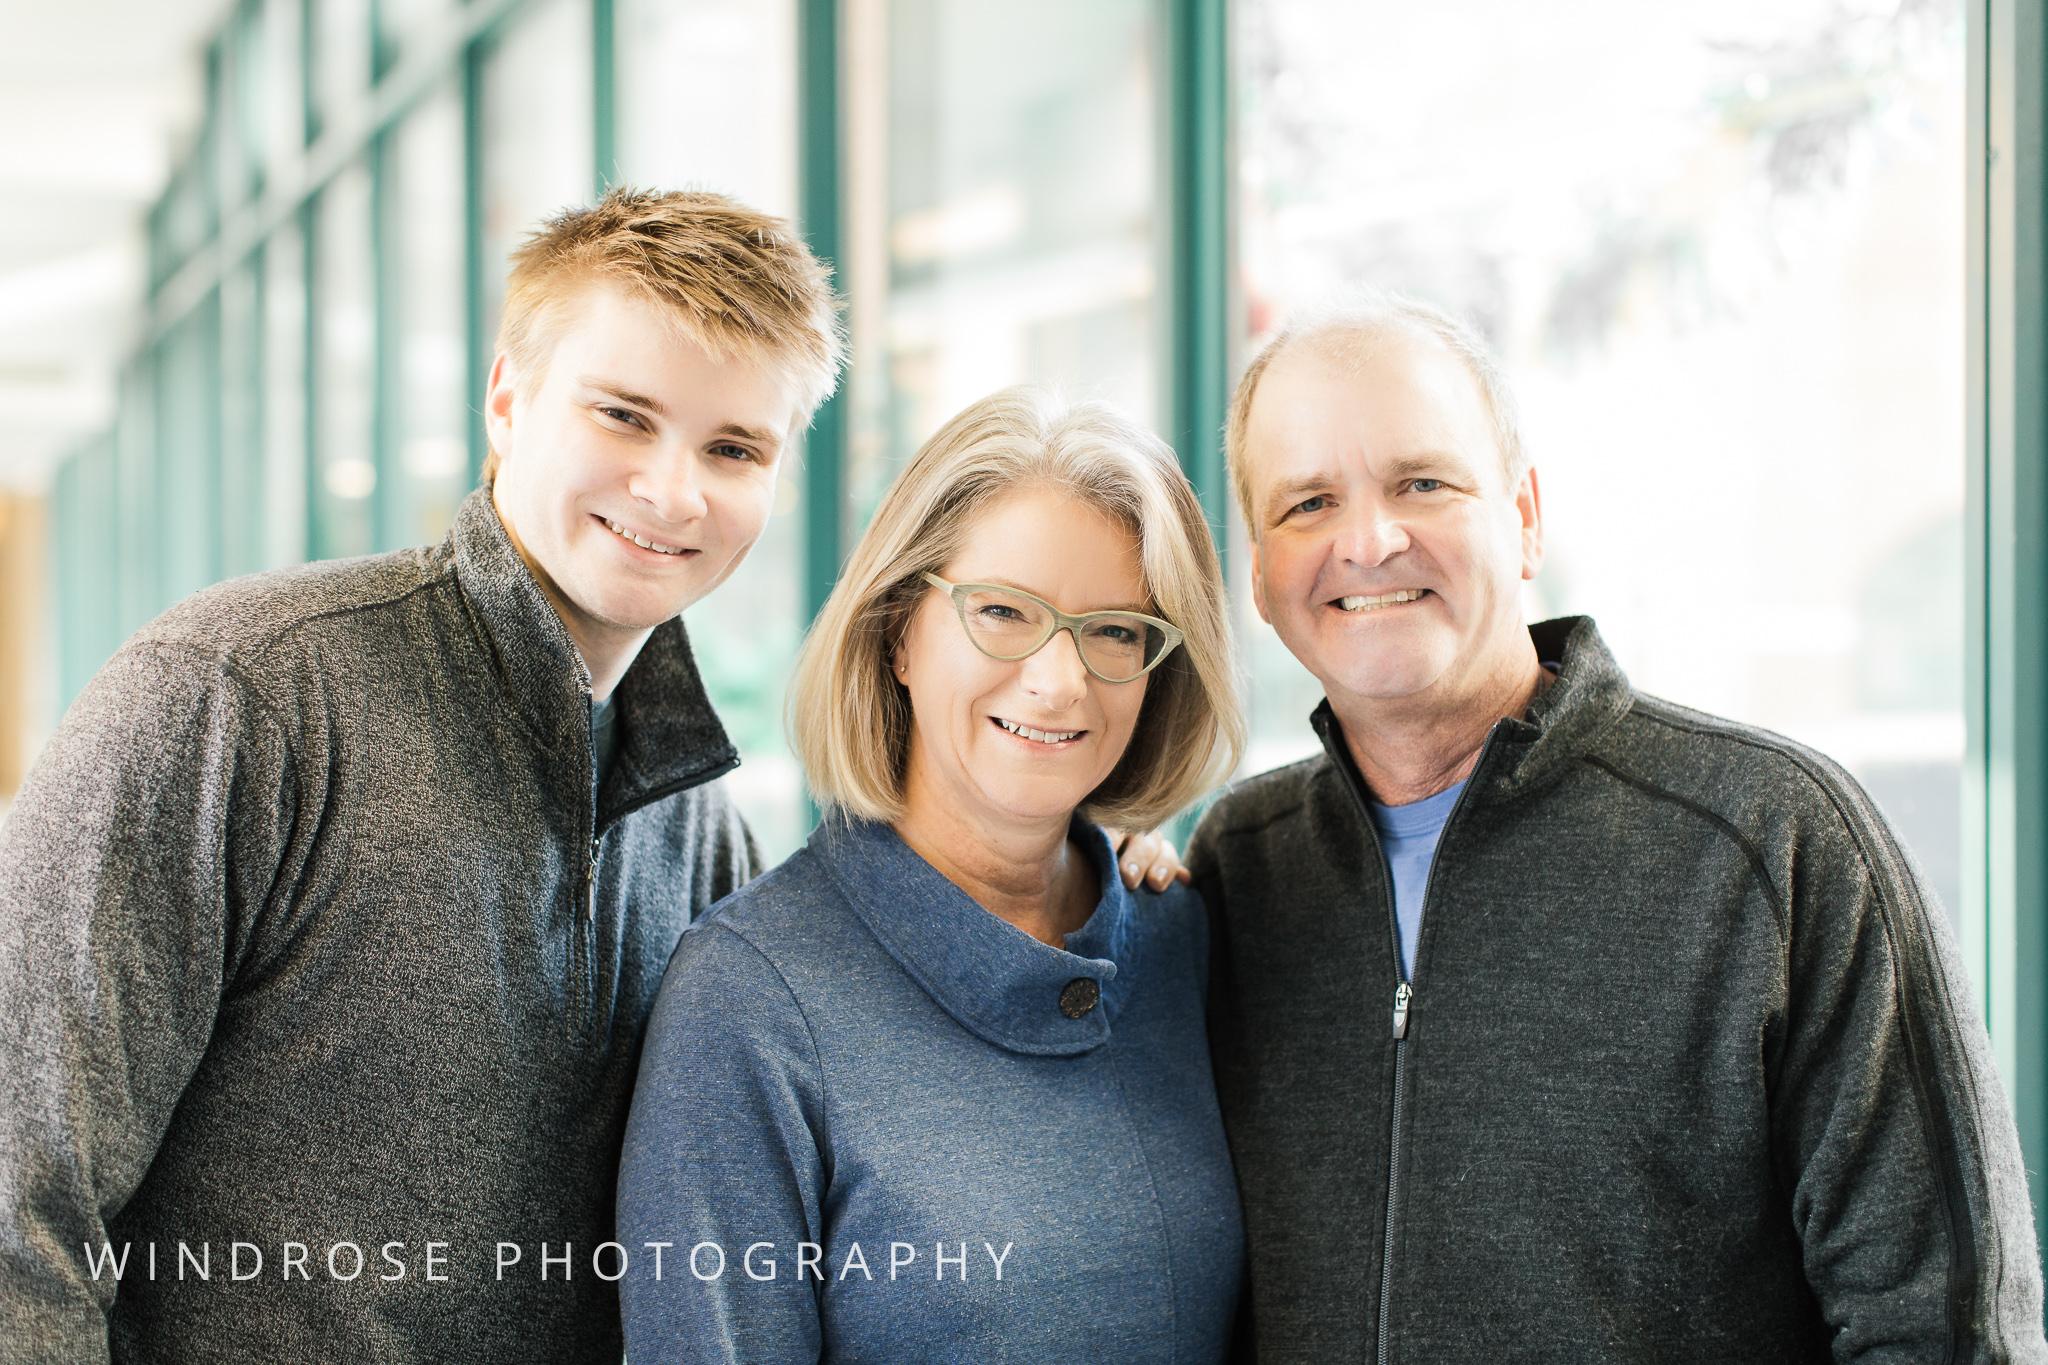 Central-Park-Rochester-Family-Portrait-9.jpg